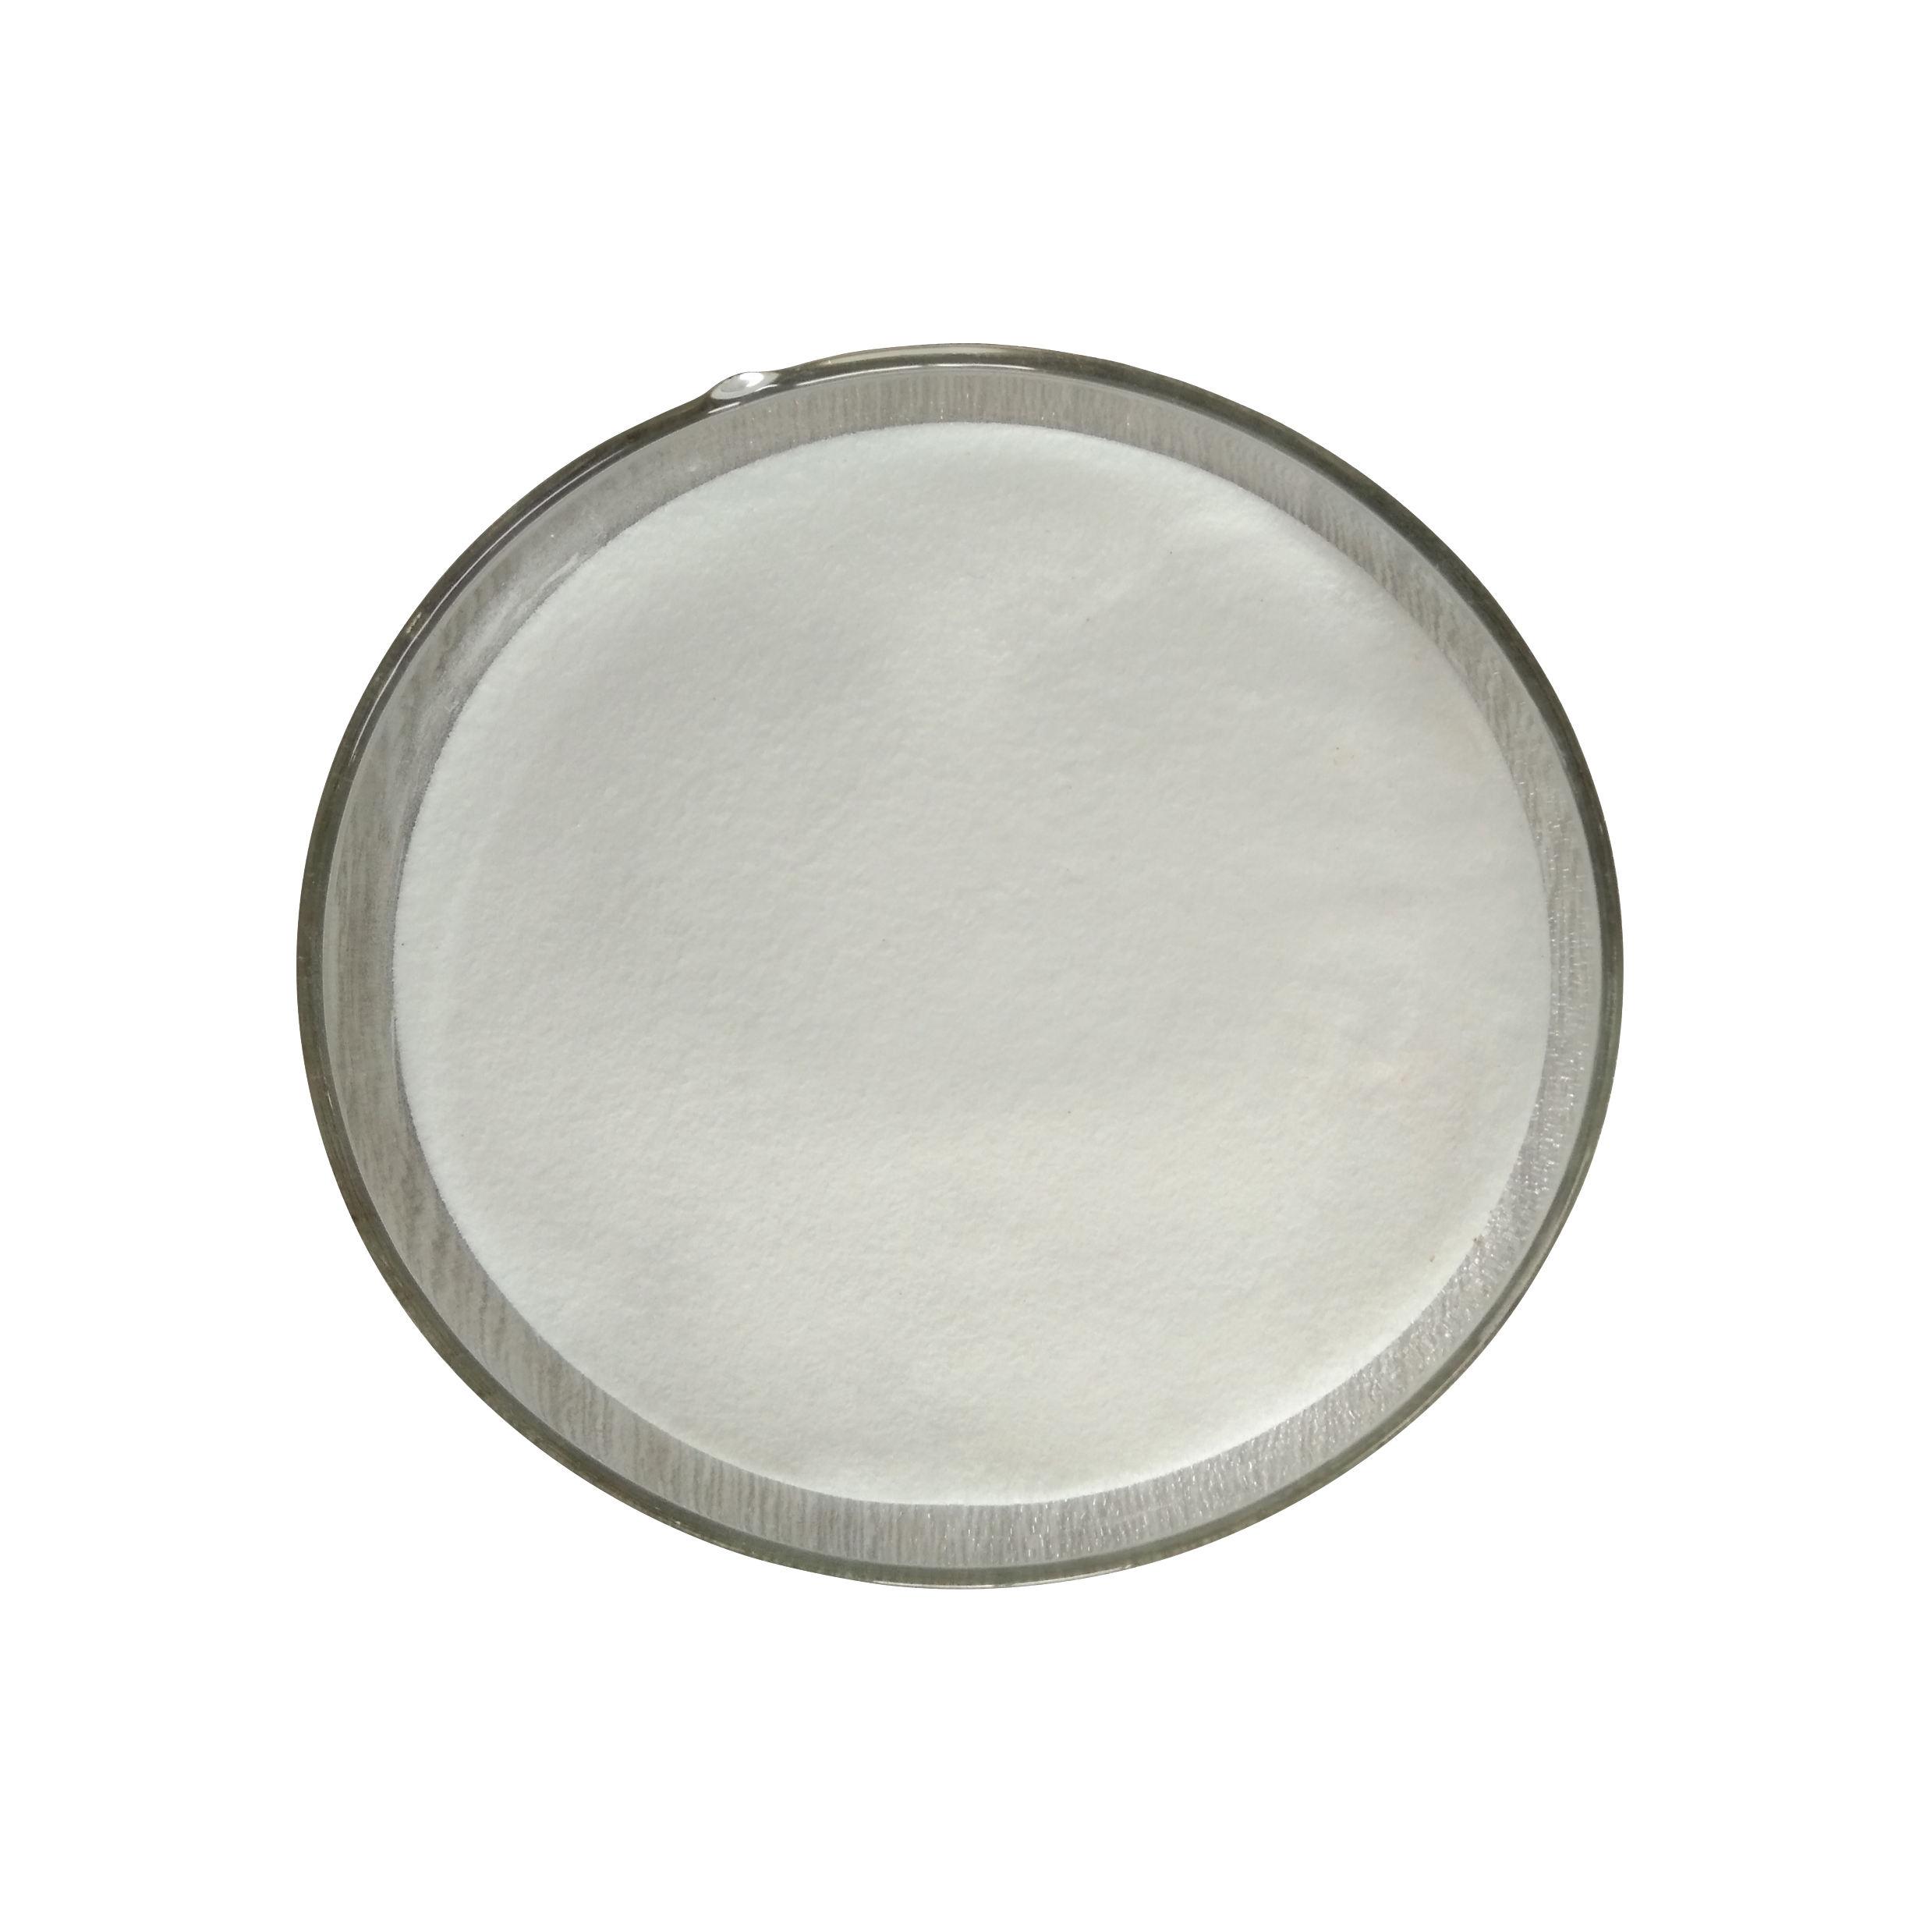 Cao-chất lượng tự nhiên Vitamin B7 biotin CAS 58-85-5 tinh khiết nhà máy